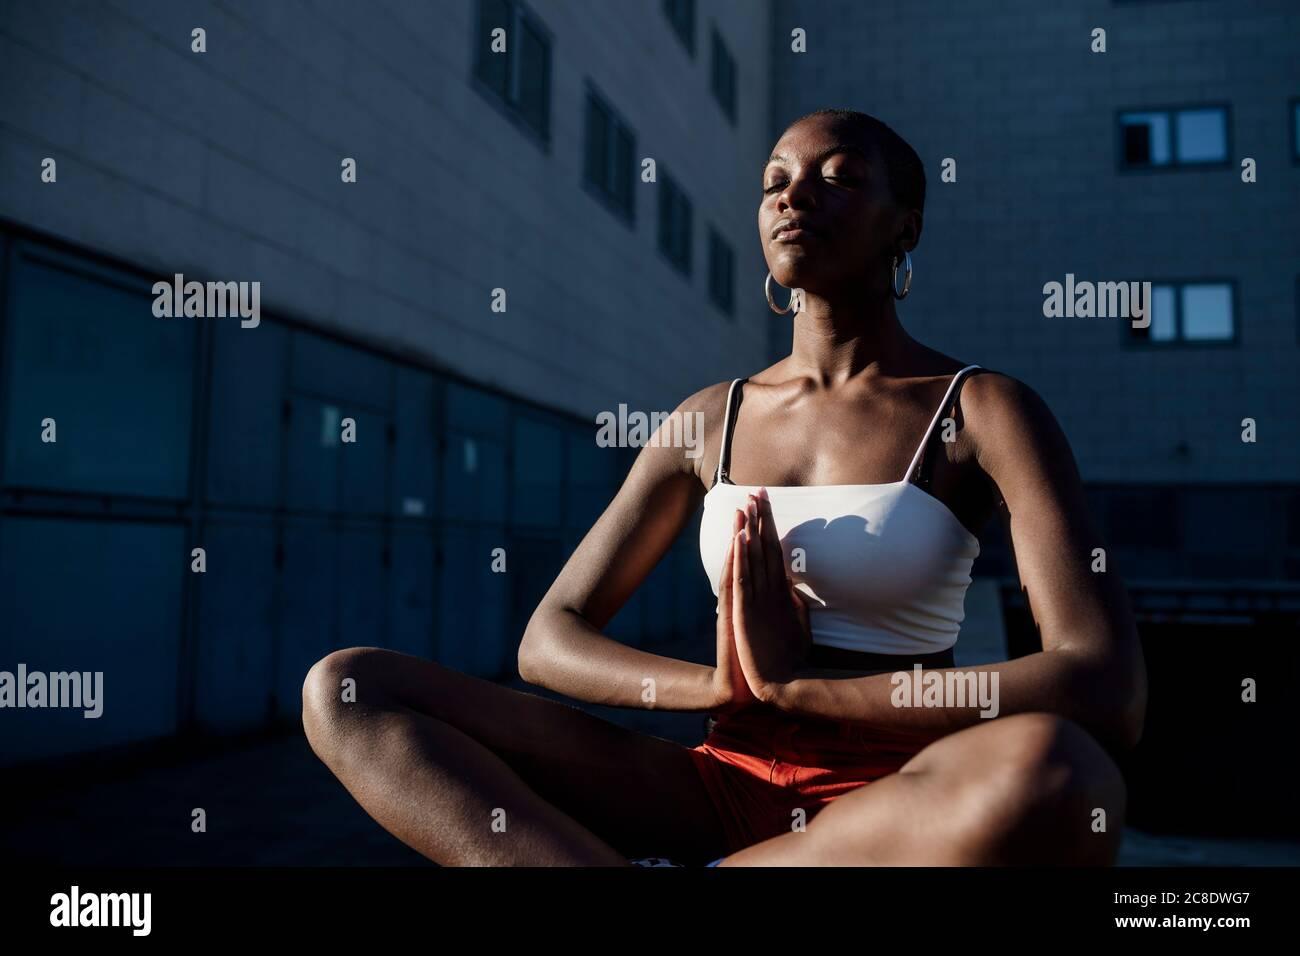 Junge Frau mit geschlossenen Augen meditiert, während sie gegen Gebäude sitzt In der Stadt Stockfoto